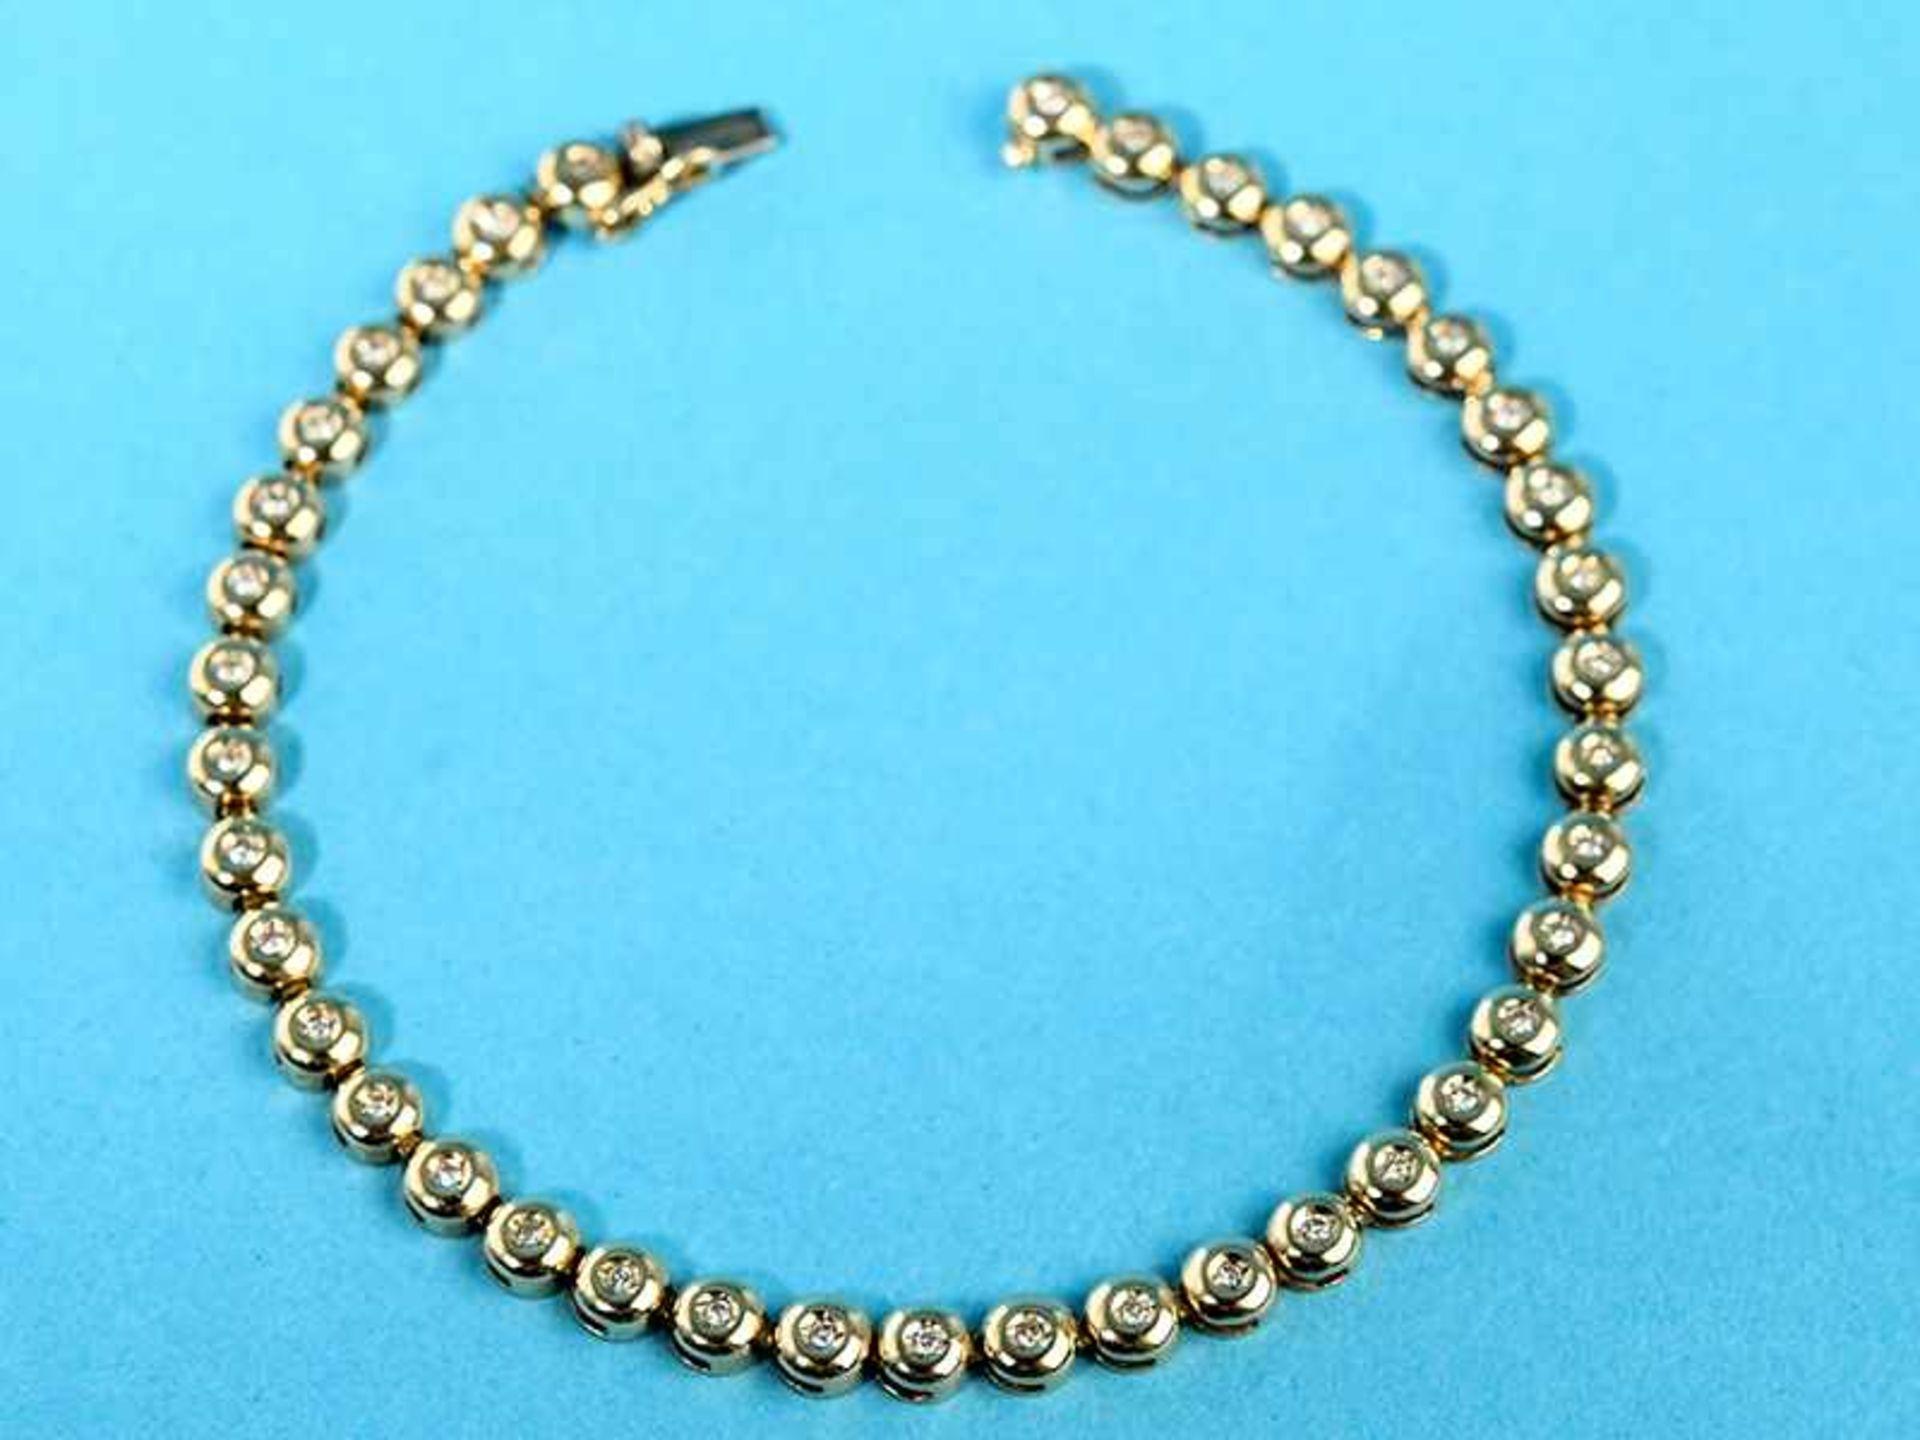 Tennisarmband mit 39 kleinen Diamanten, zusammen ca. 0,3 ct, 20. Jh. 585/- Gelbgold. Gesamtgewicht